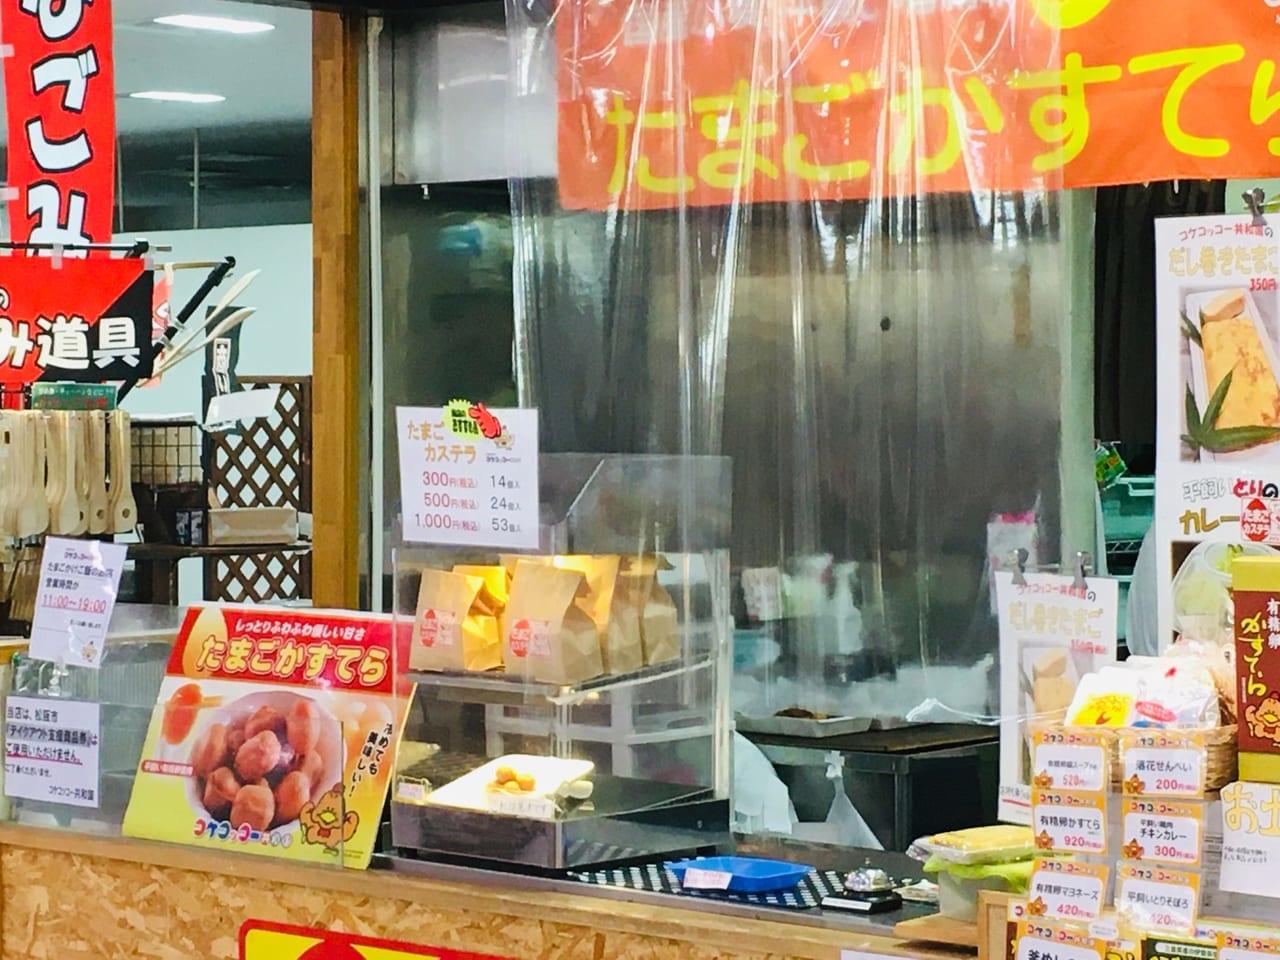 松阪マームにあるコケコッコー共和国店舗